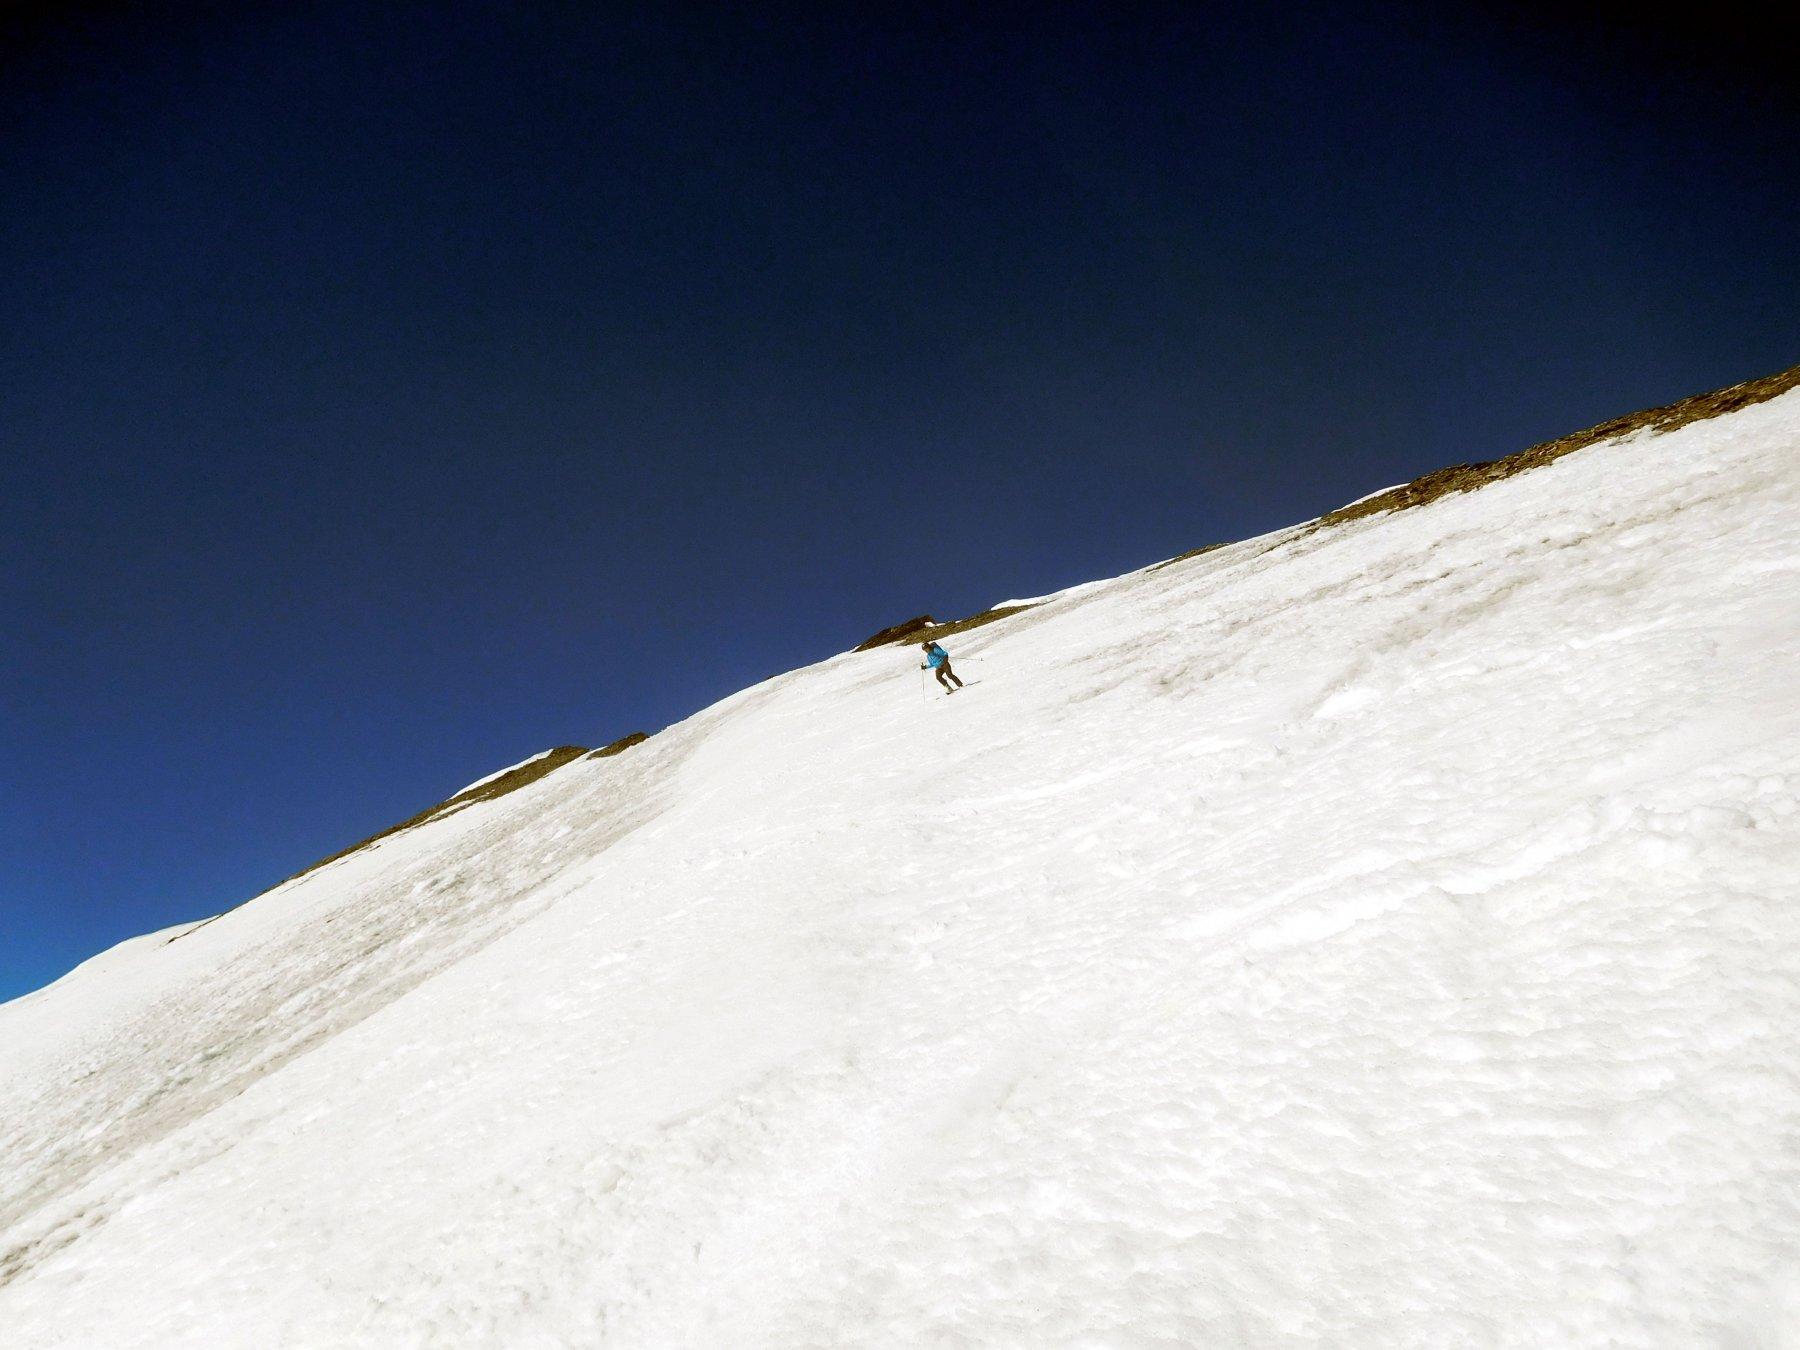 breve passaggio a sud sotto la cima